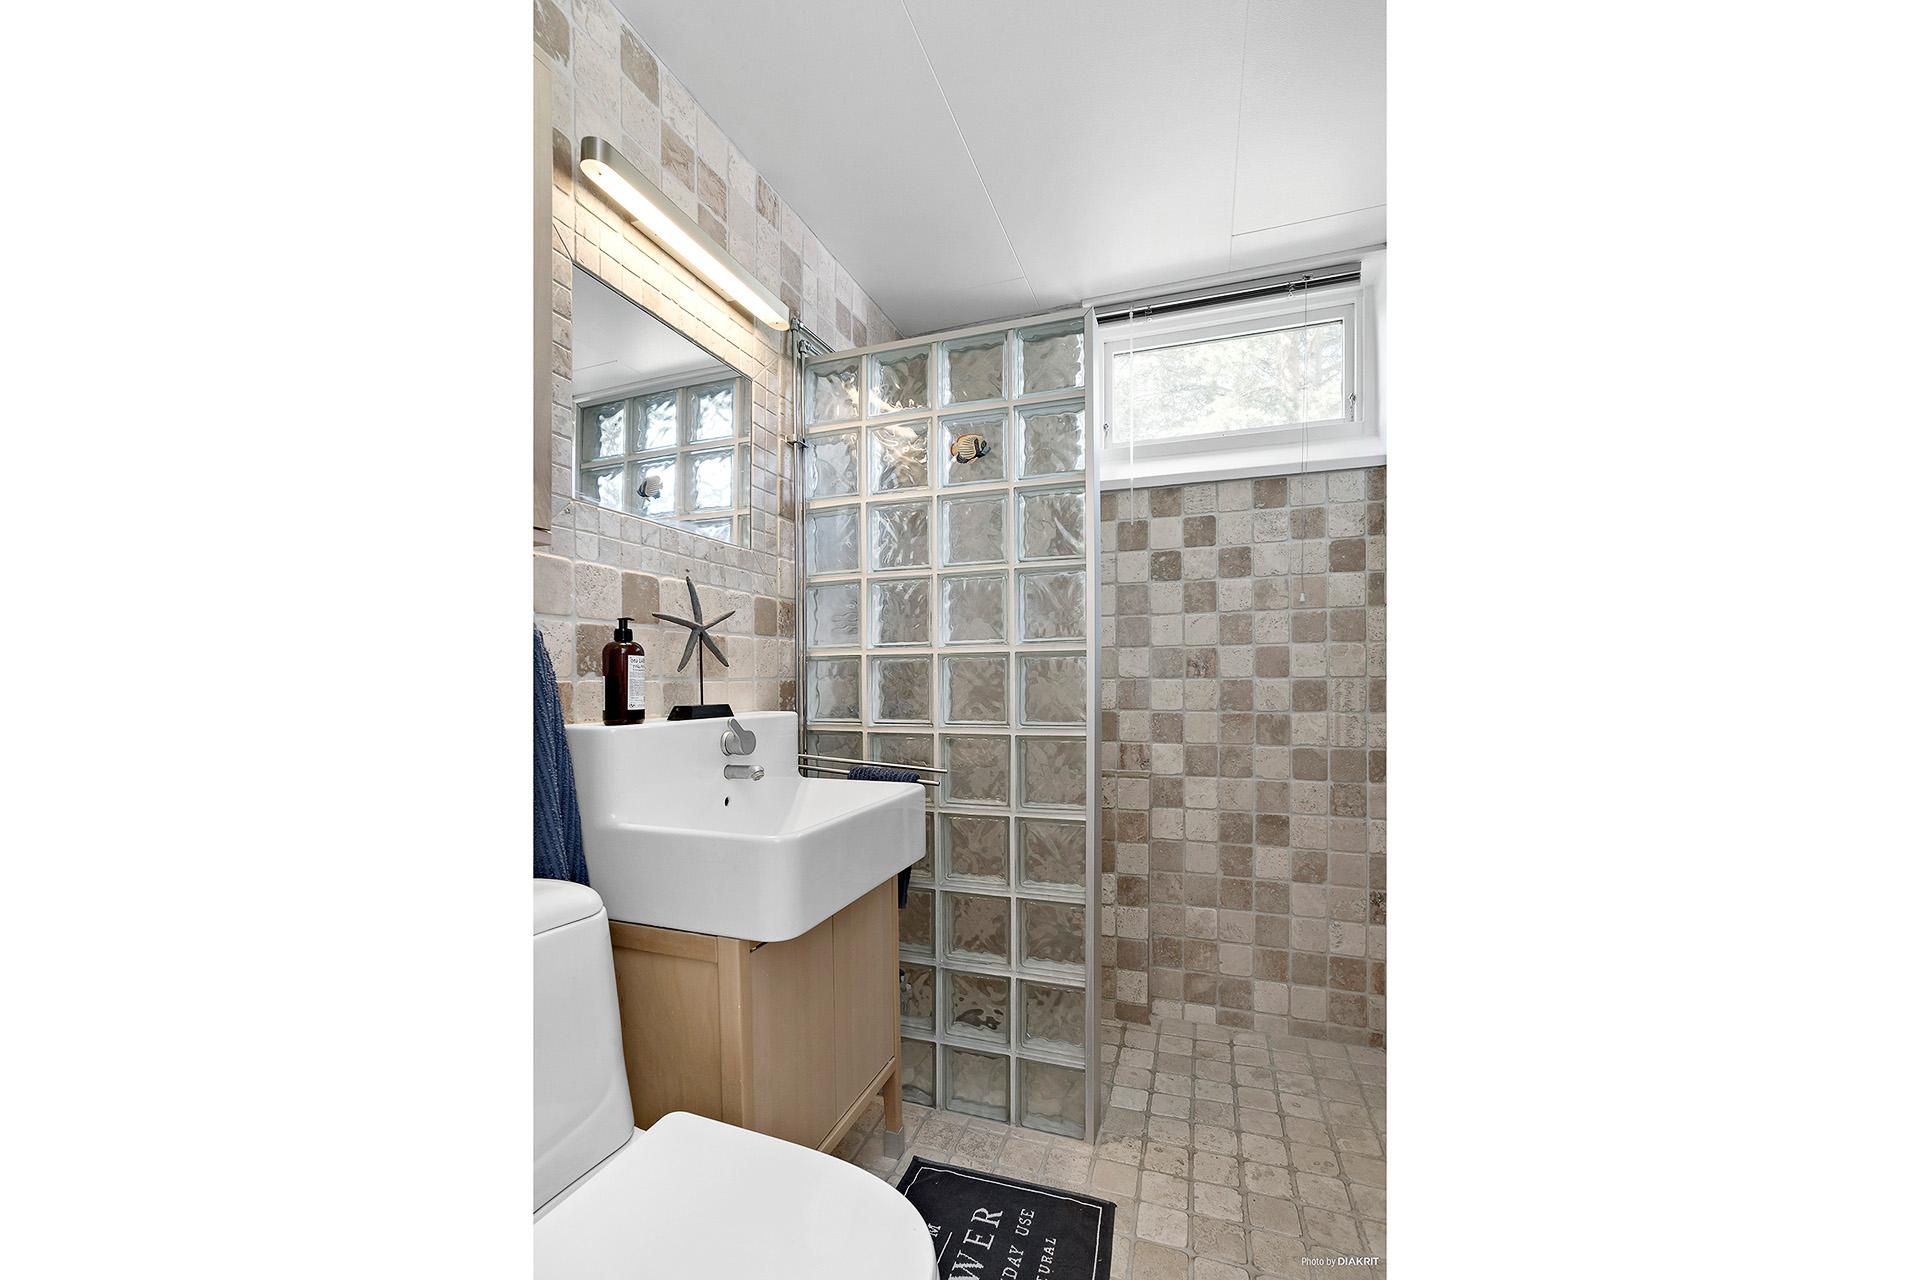 Helkaklat badrum med sjösten.